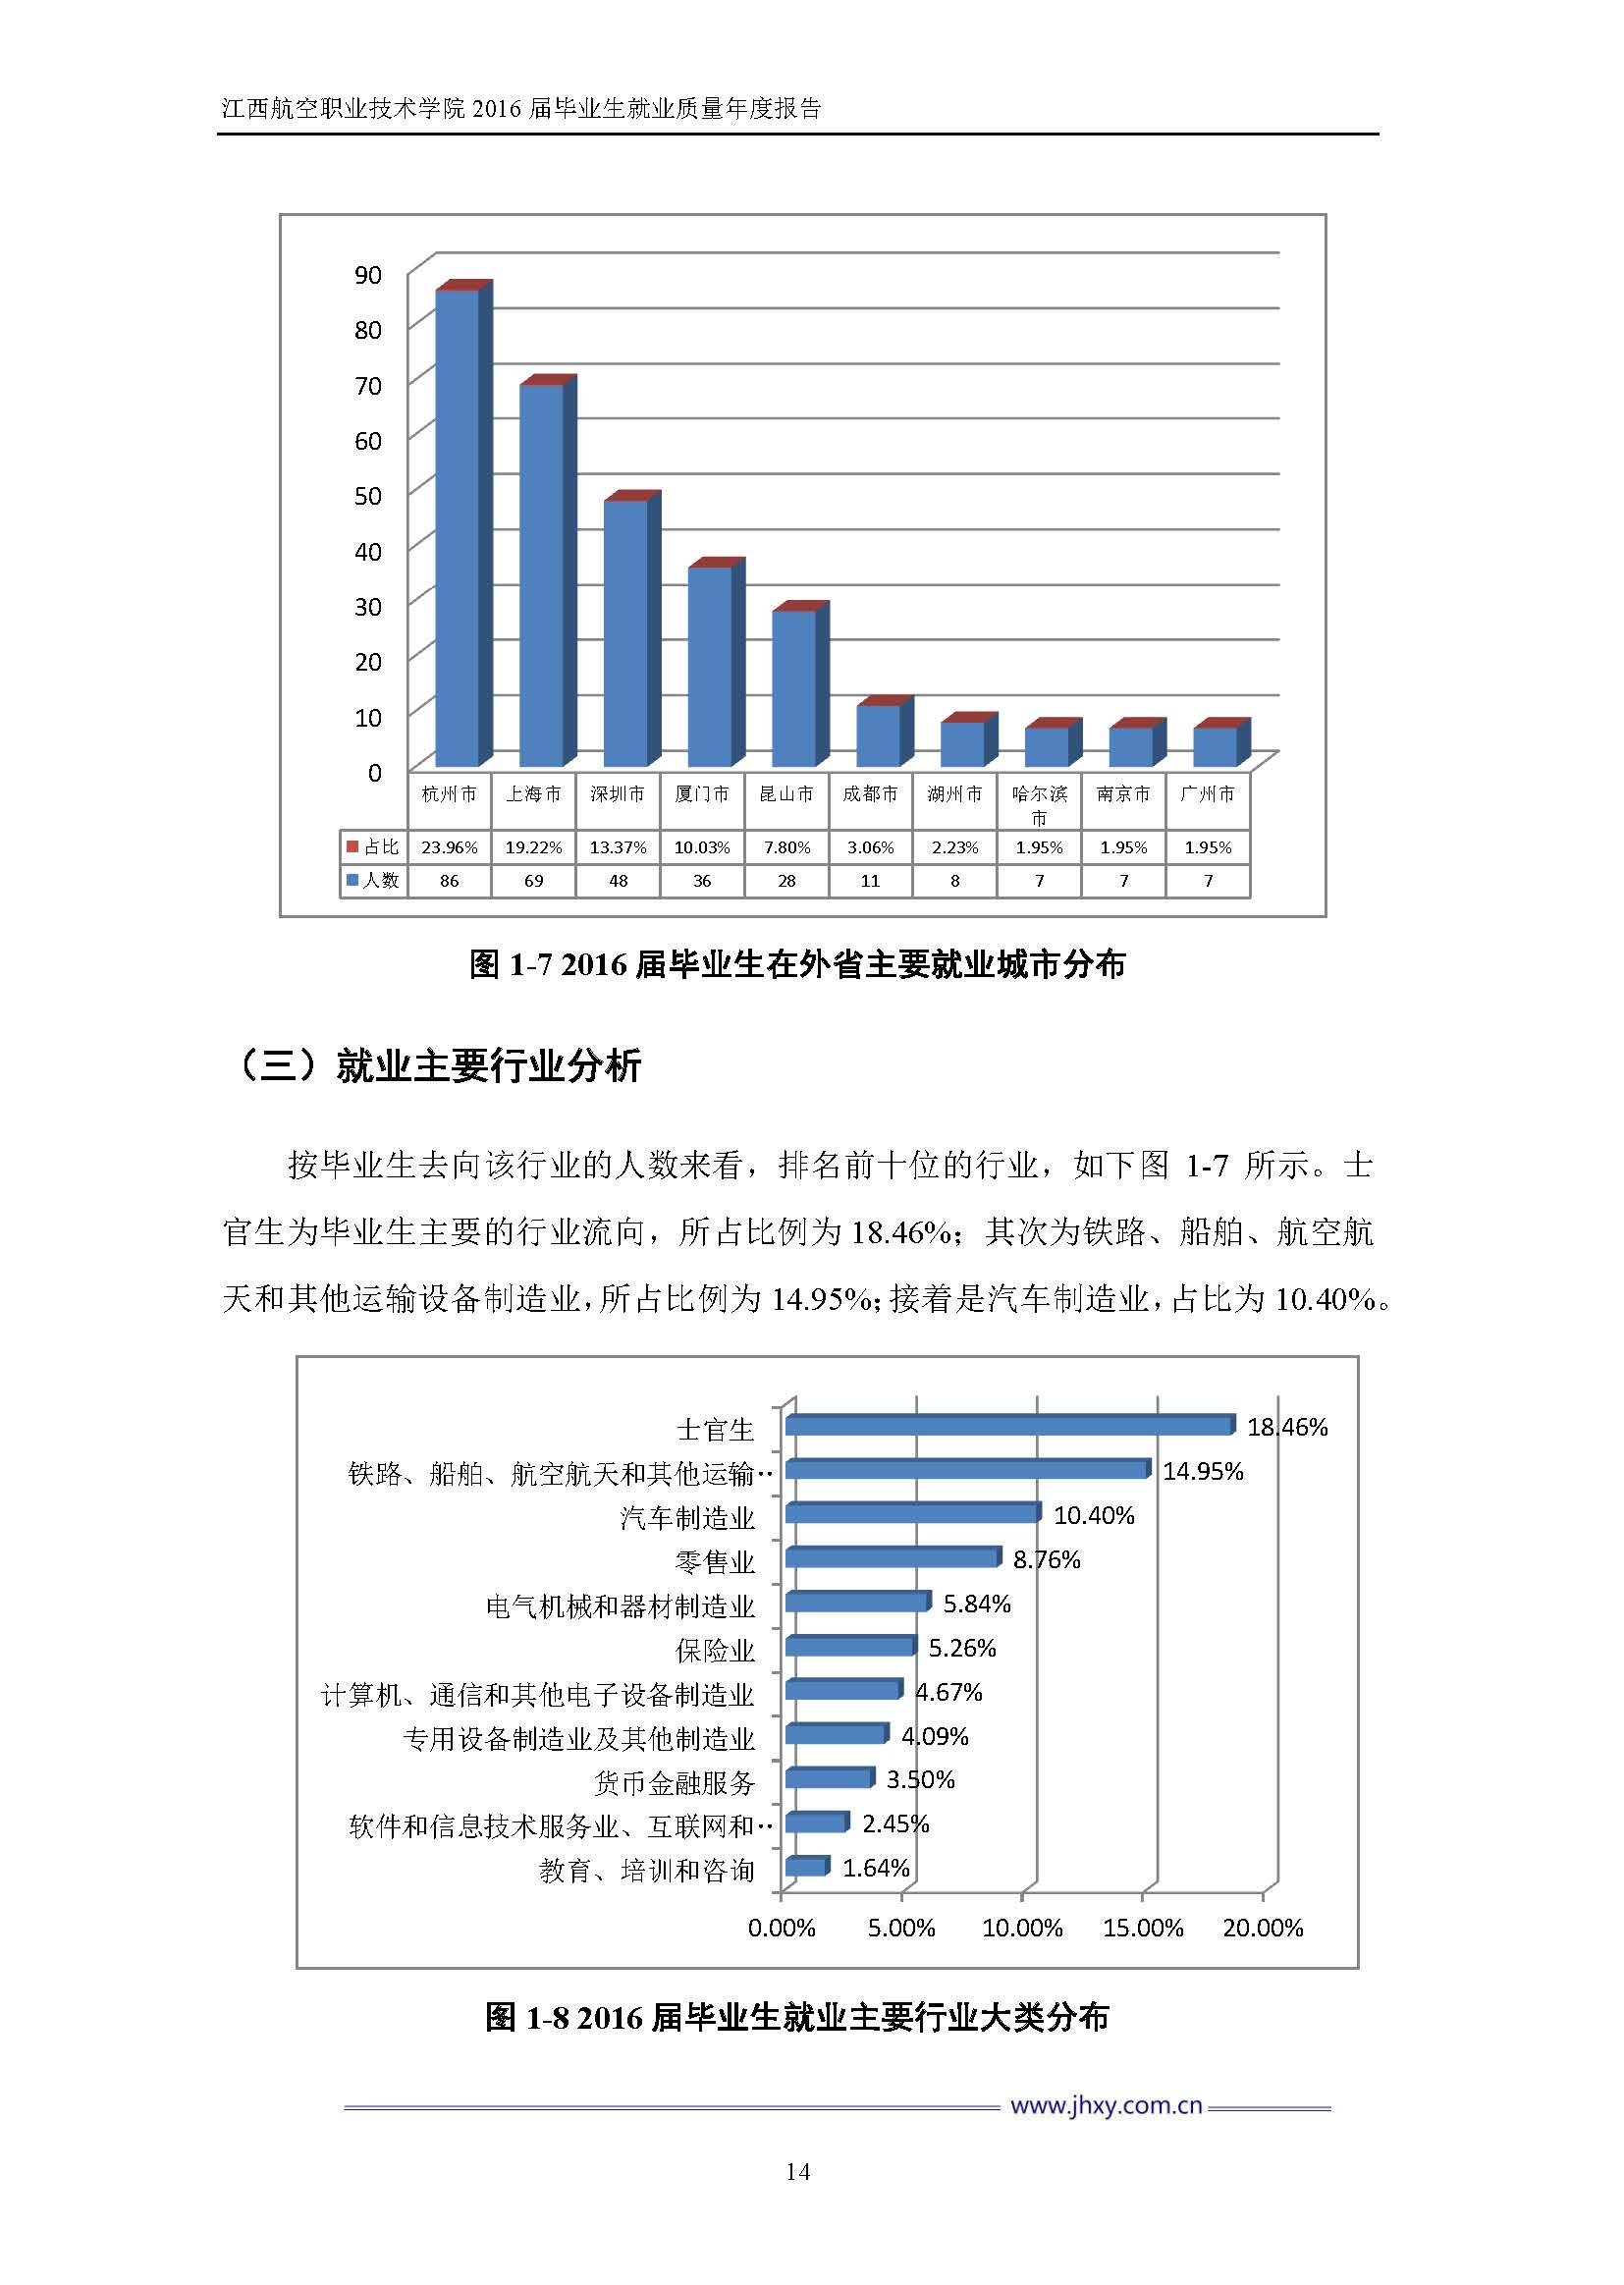 江西航空职业技术学院2016届毕业生就业质量年度报告_Page_21.jpg